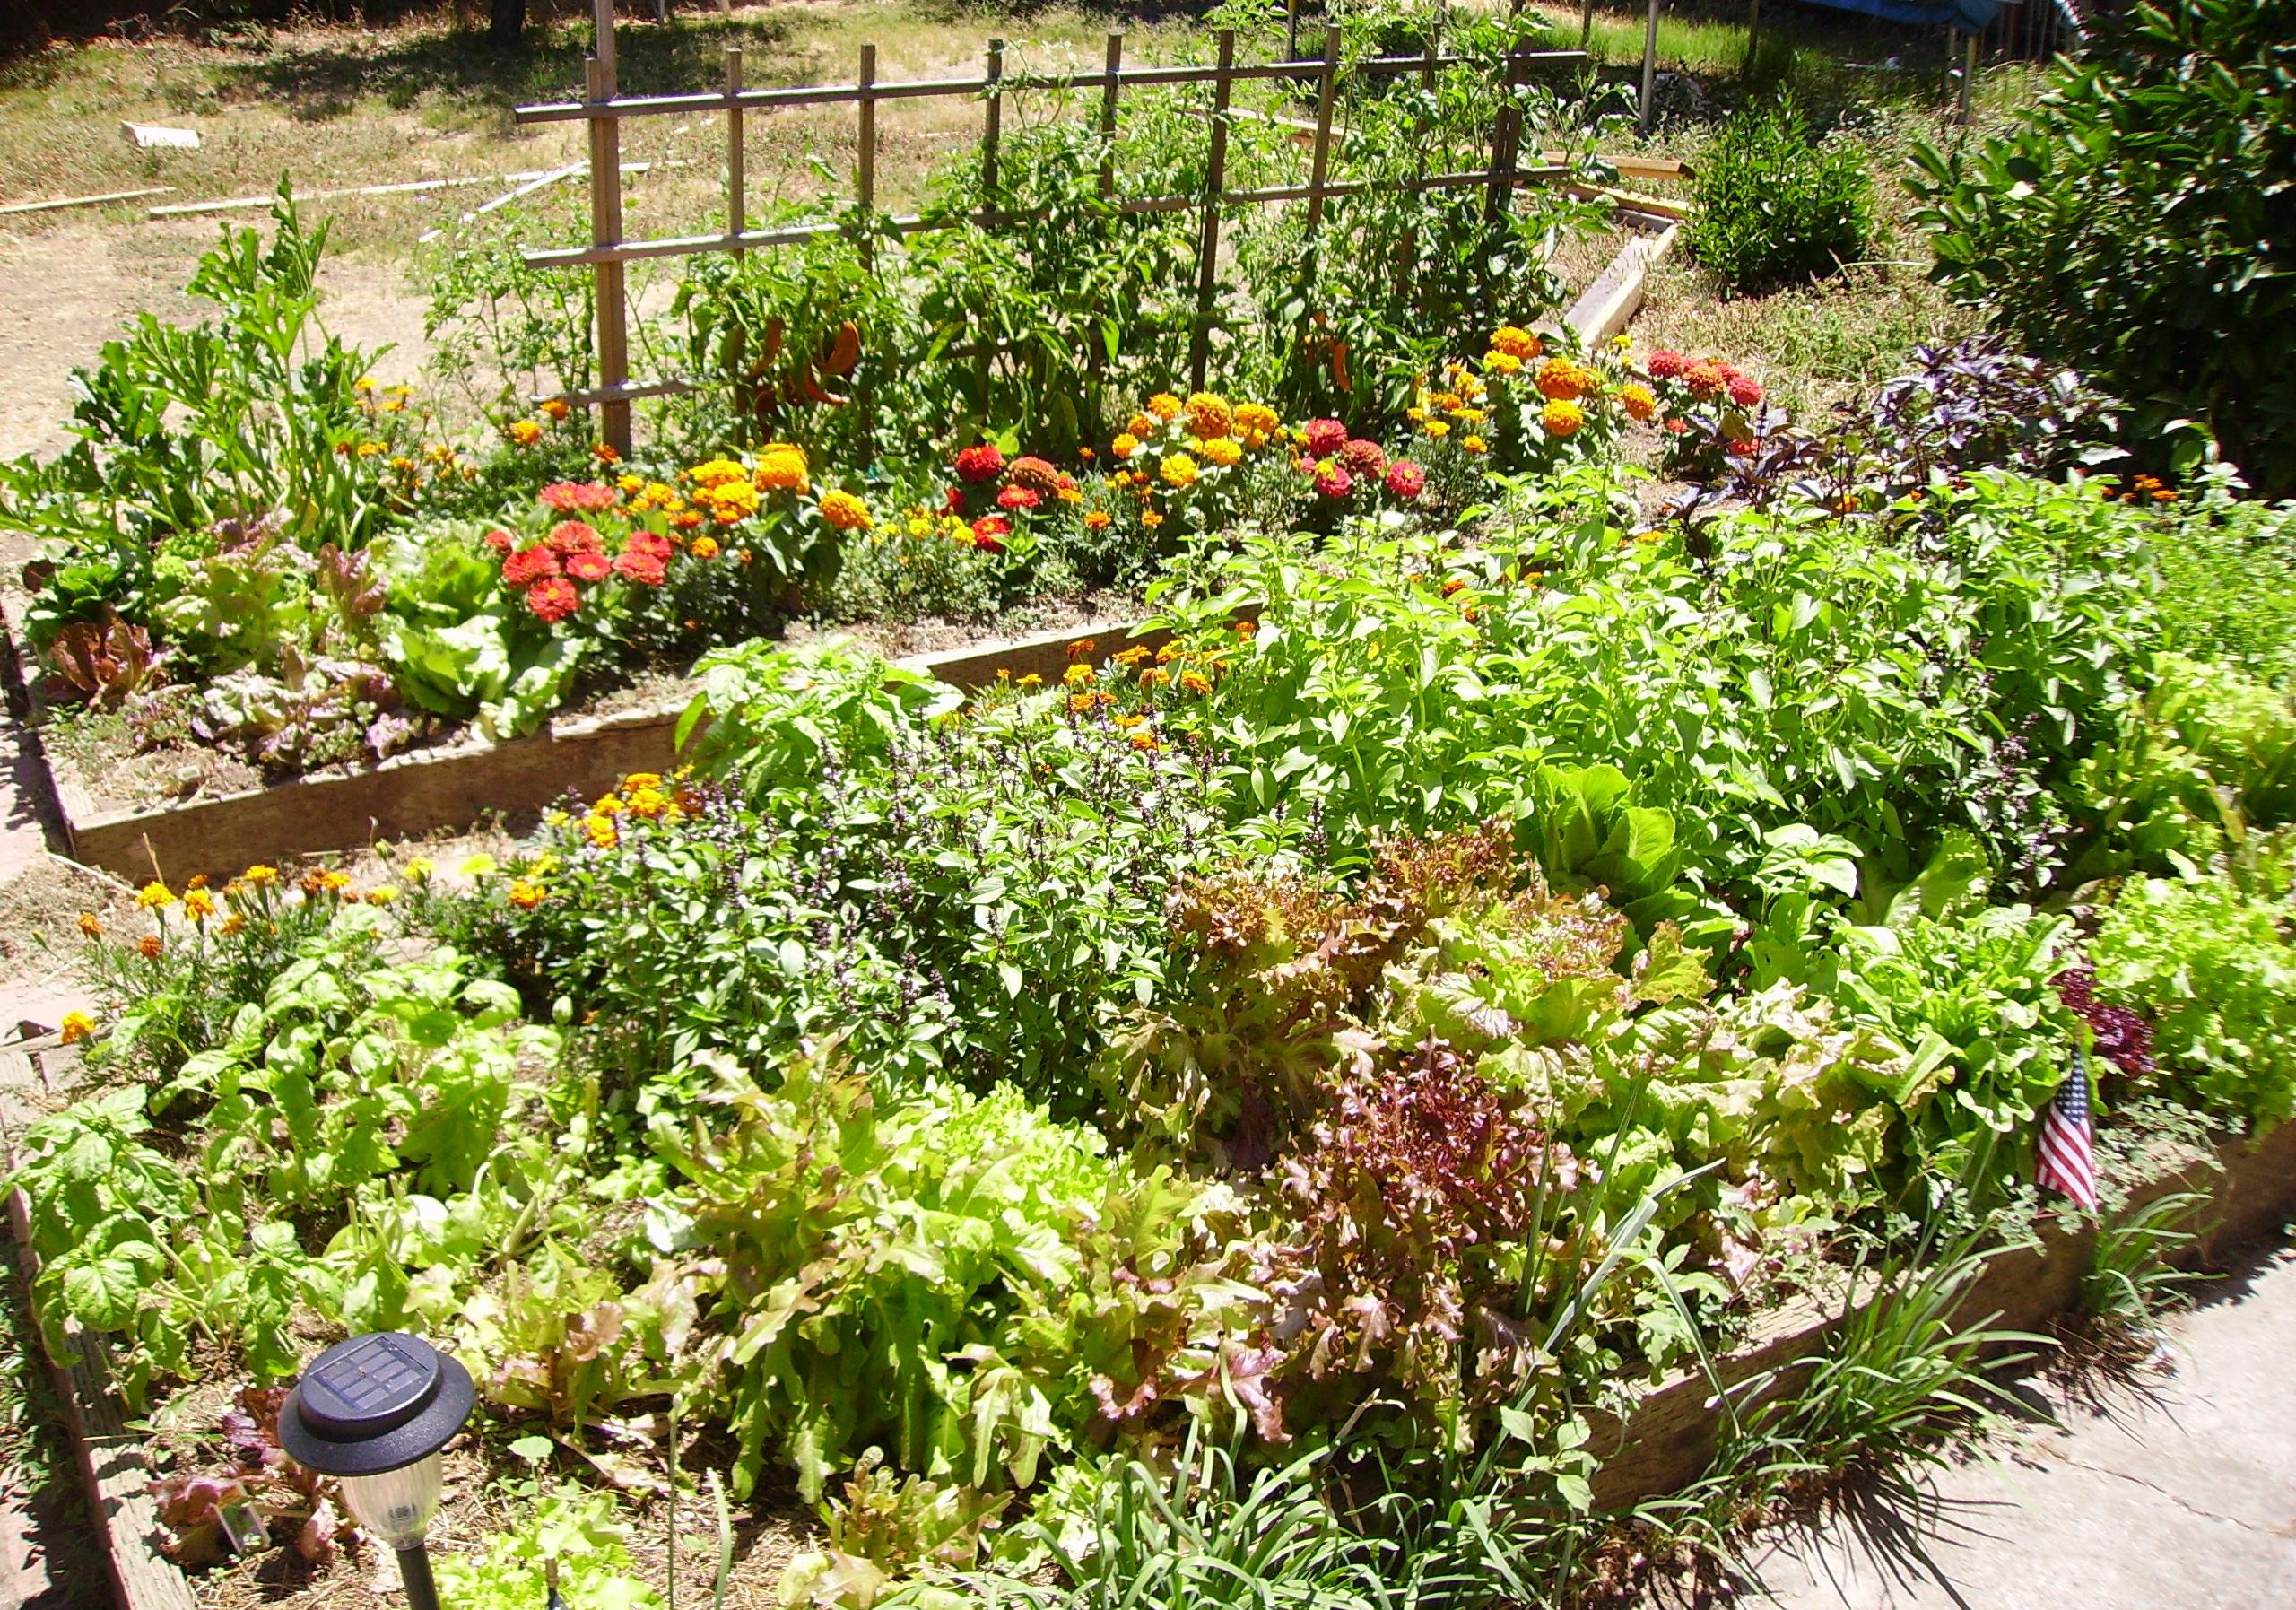 Photo of Meilleur engrais pour légumes et jardins 2020 Guide d'achat et avis